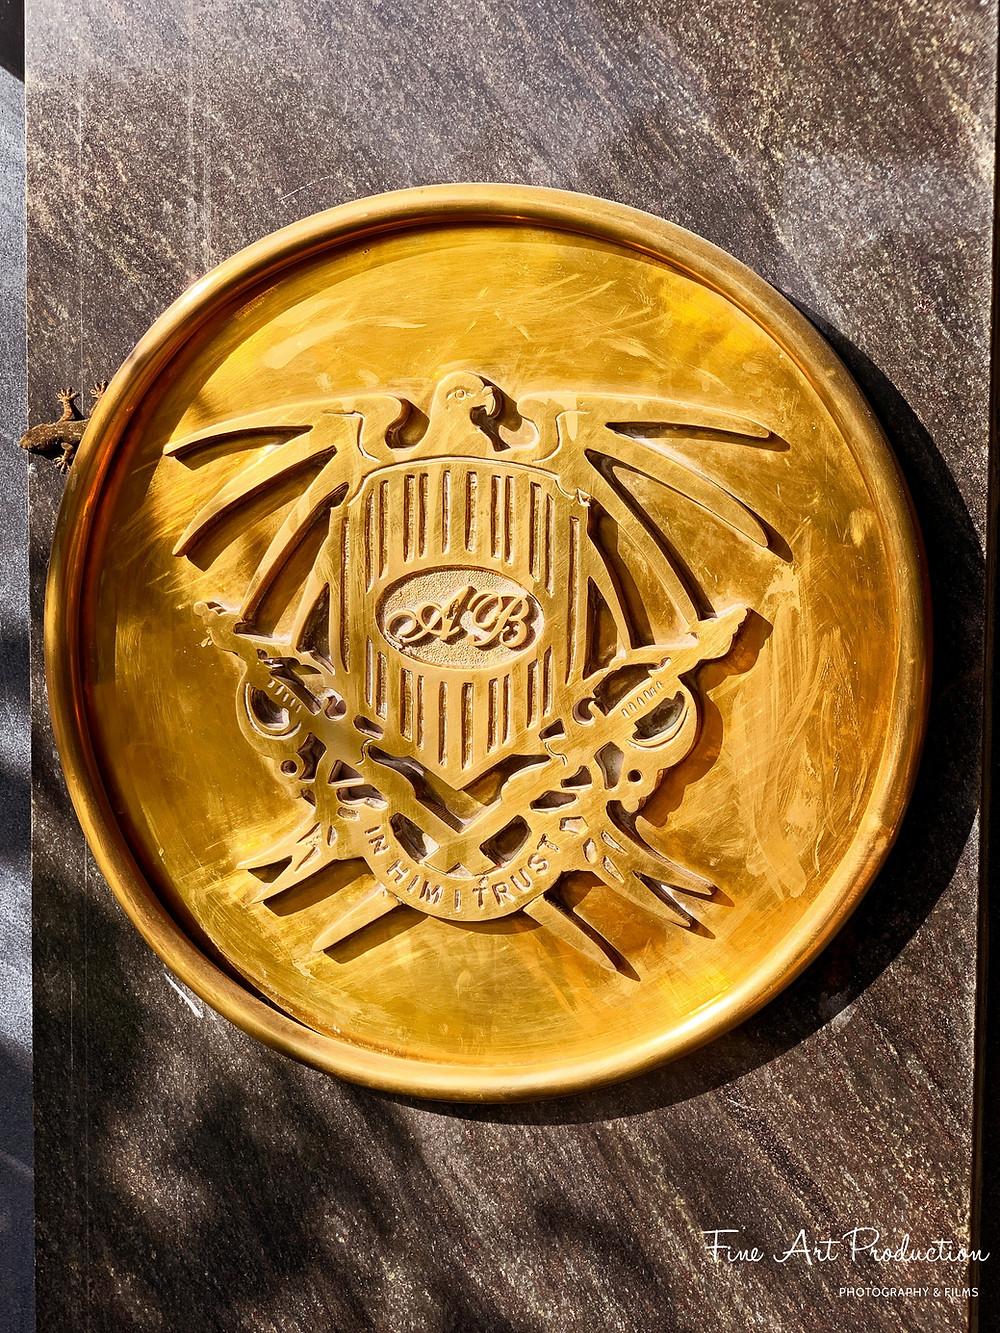 Ajit Bhawan Decal - Symbol of pride